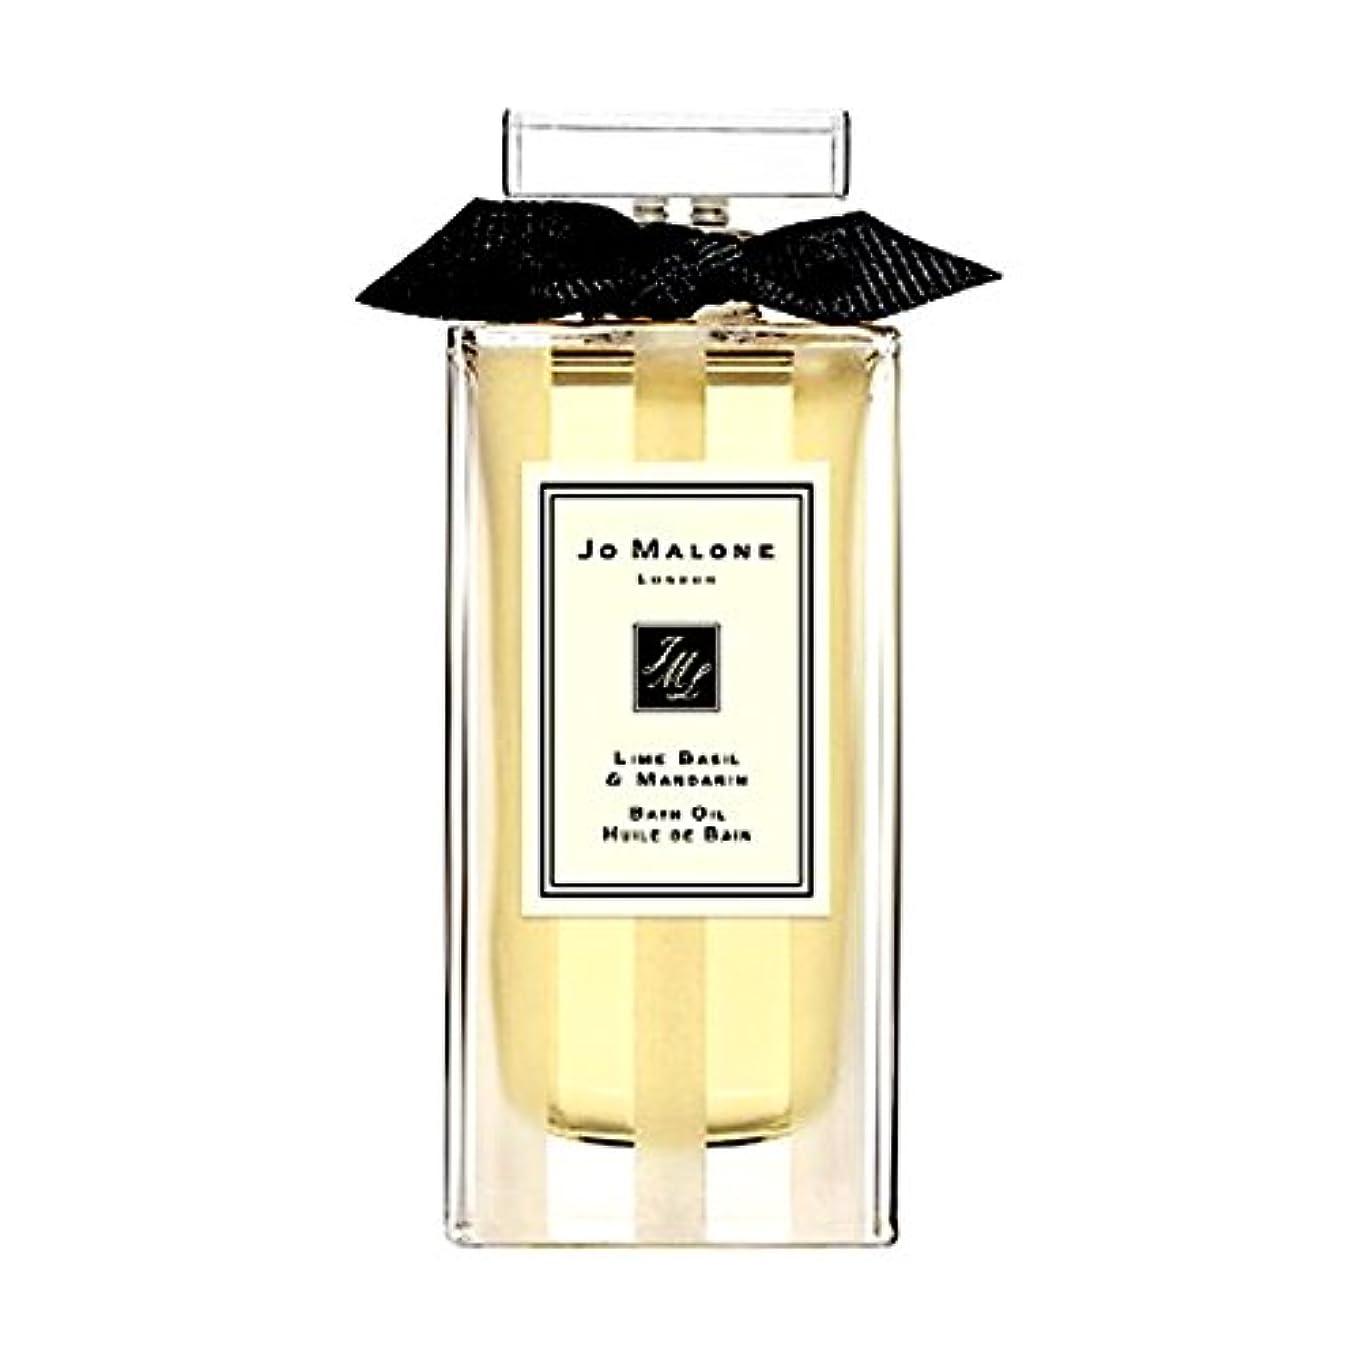 ジョセフバンクススポーツ蓋Jo Maloneジョーマローン, バスオイル -ライムバジル&マンダリン (30ml),' Lime Basil & Mandarin' Bath Oil (1oz) [海外直送品] [並行輸入品]